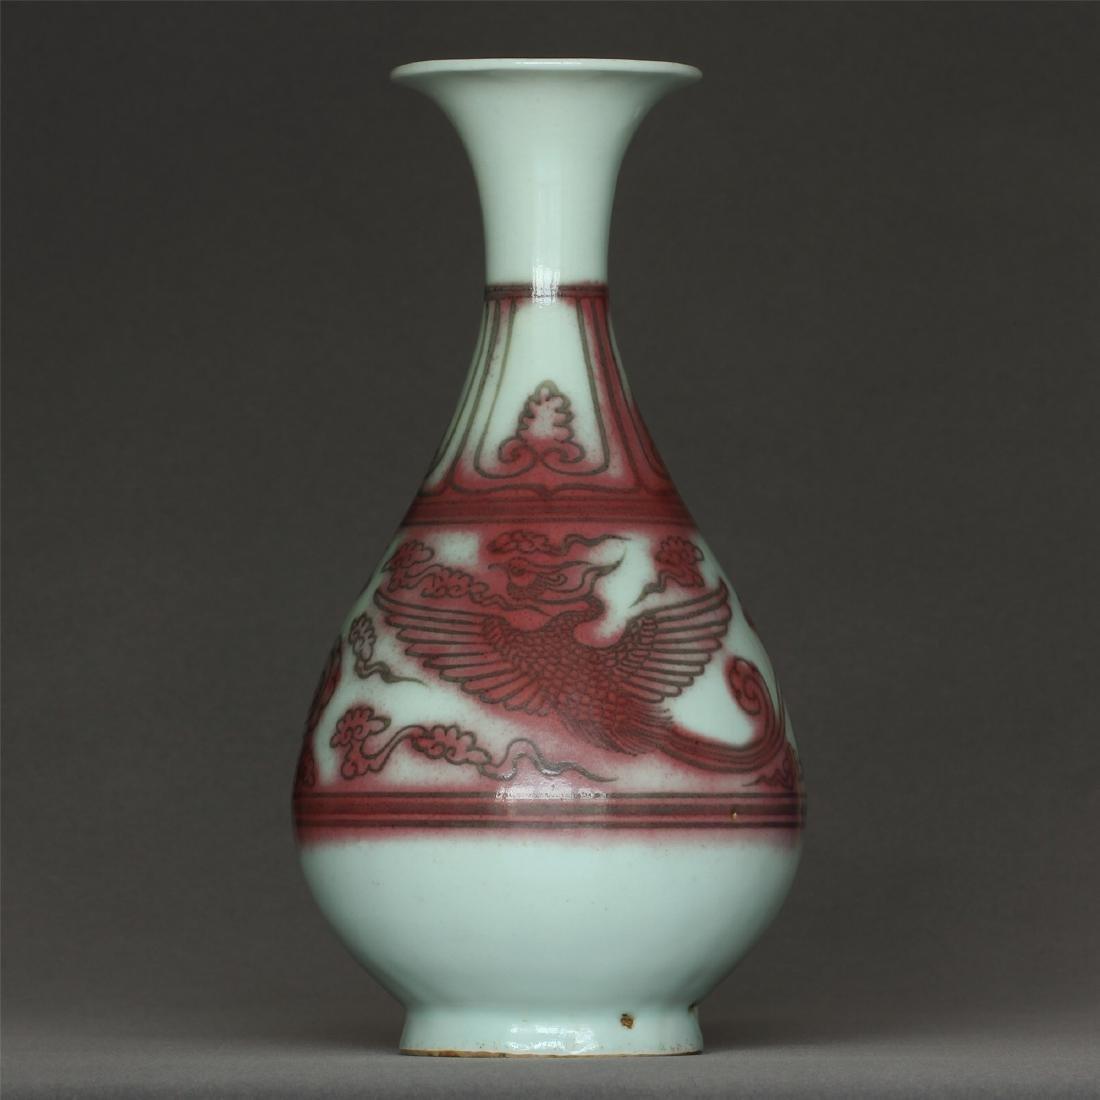 Underglaze red porcelain vase of Yuan Dynasty.